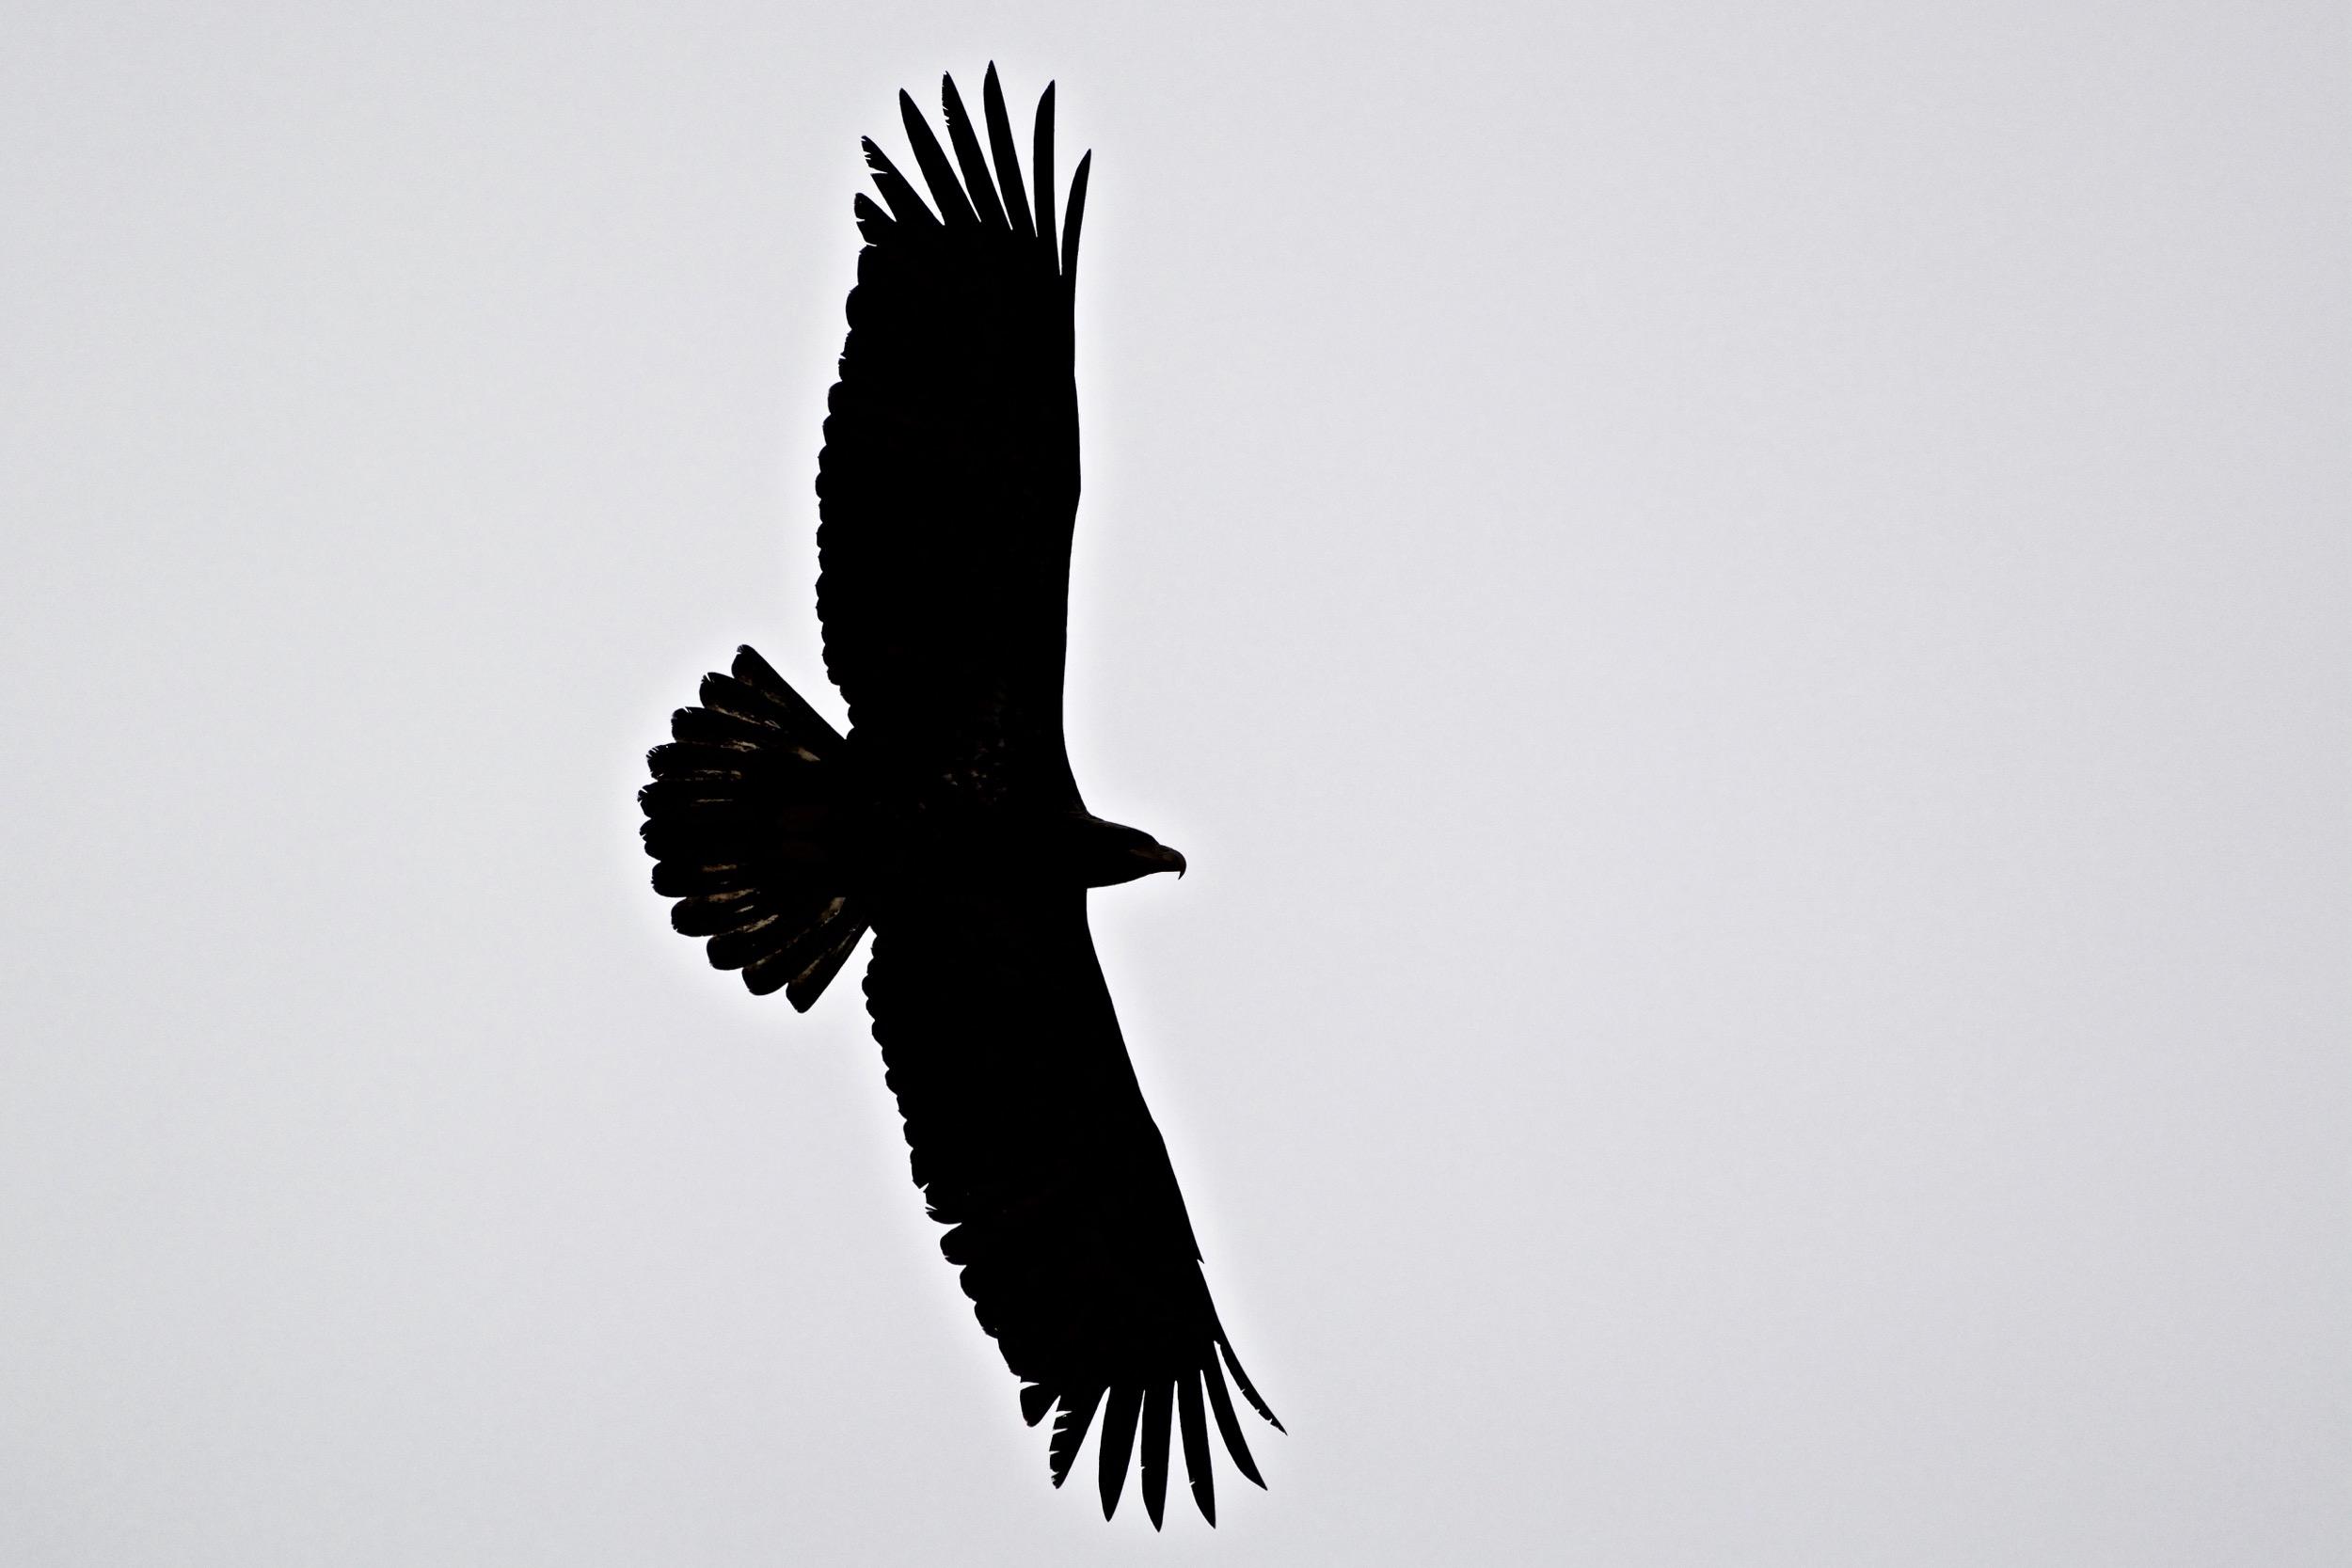 2500x1667 Bald Eagle Silhouette